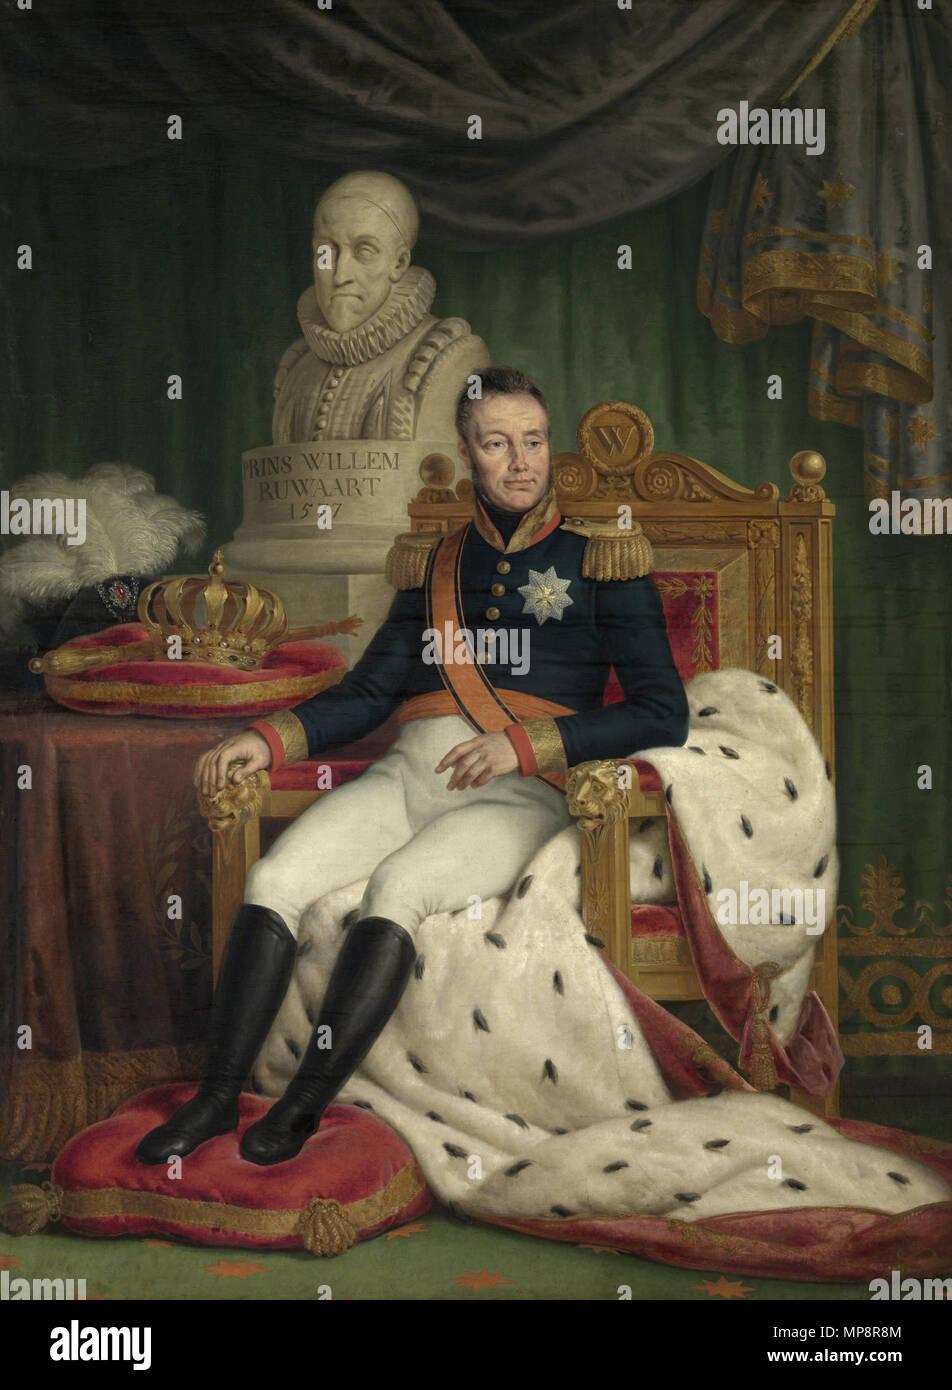 Retrato de Guillermo I, Rey de los Países Bajos del siglo XIX. 766 El Rey Willem I - Van Bree Imagen De Stock